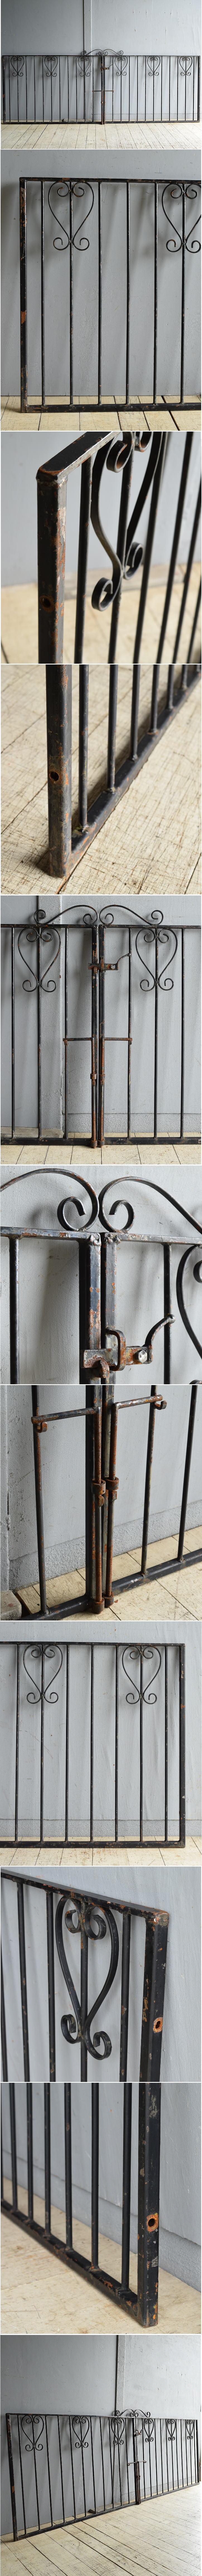 イギリスアンティーク アイアンフェンス ゲート柵 ガーデニング 8631